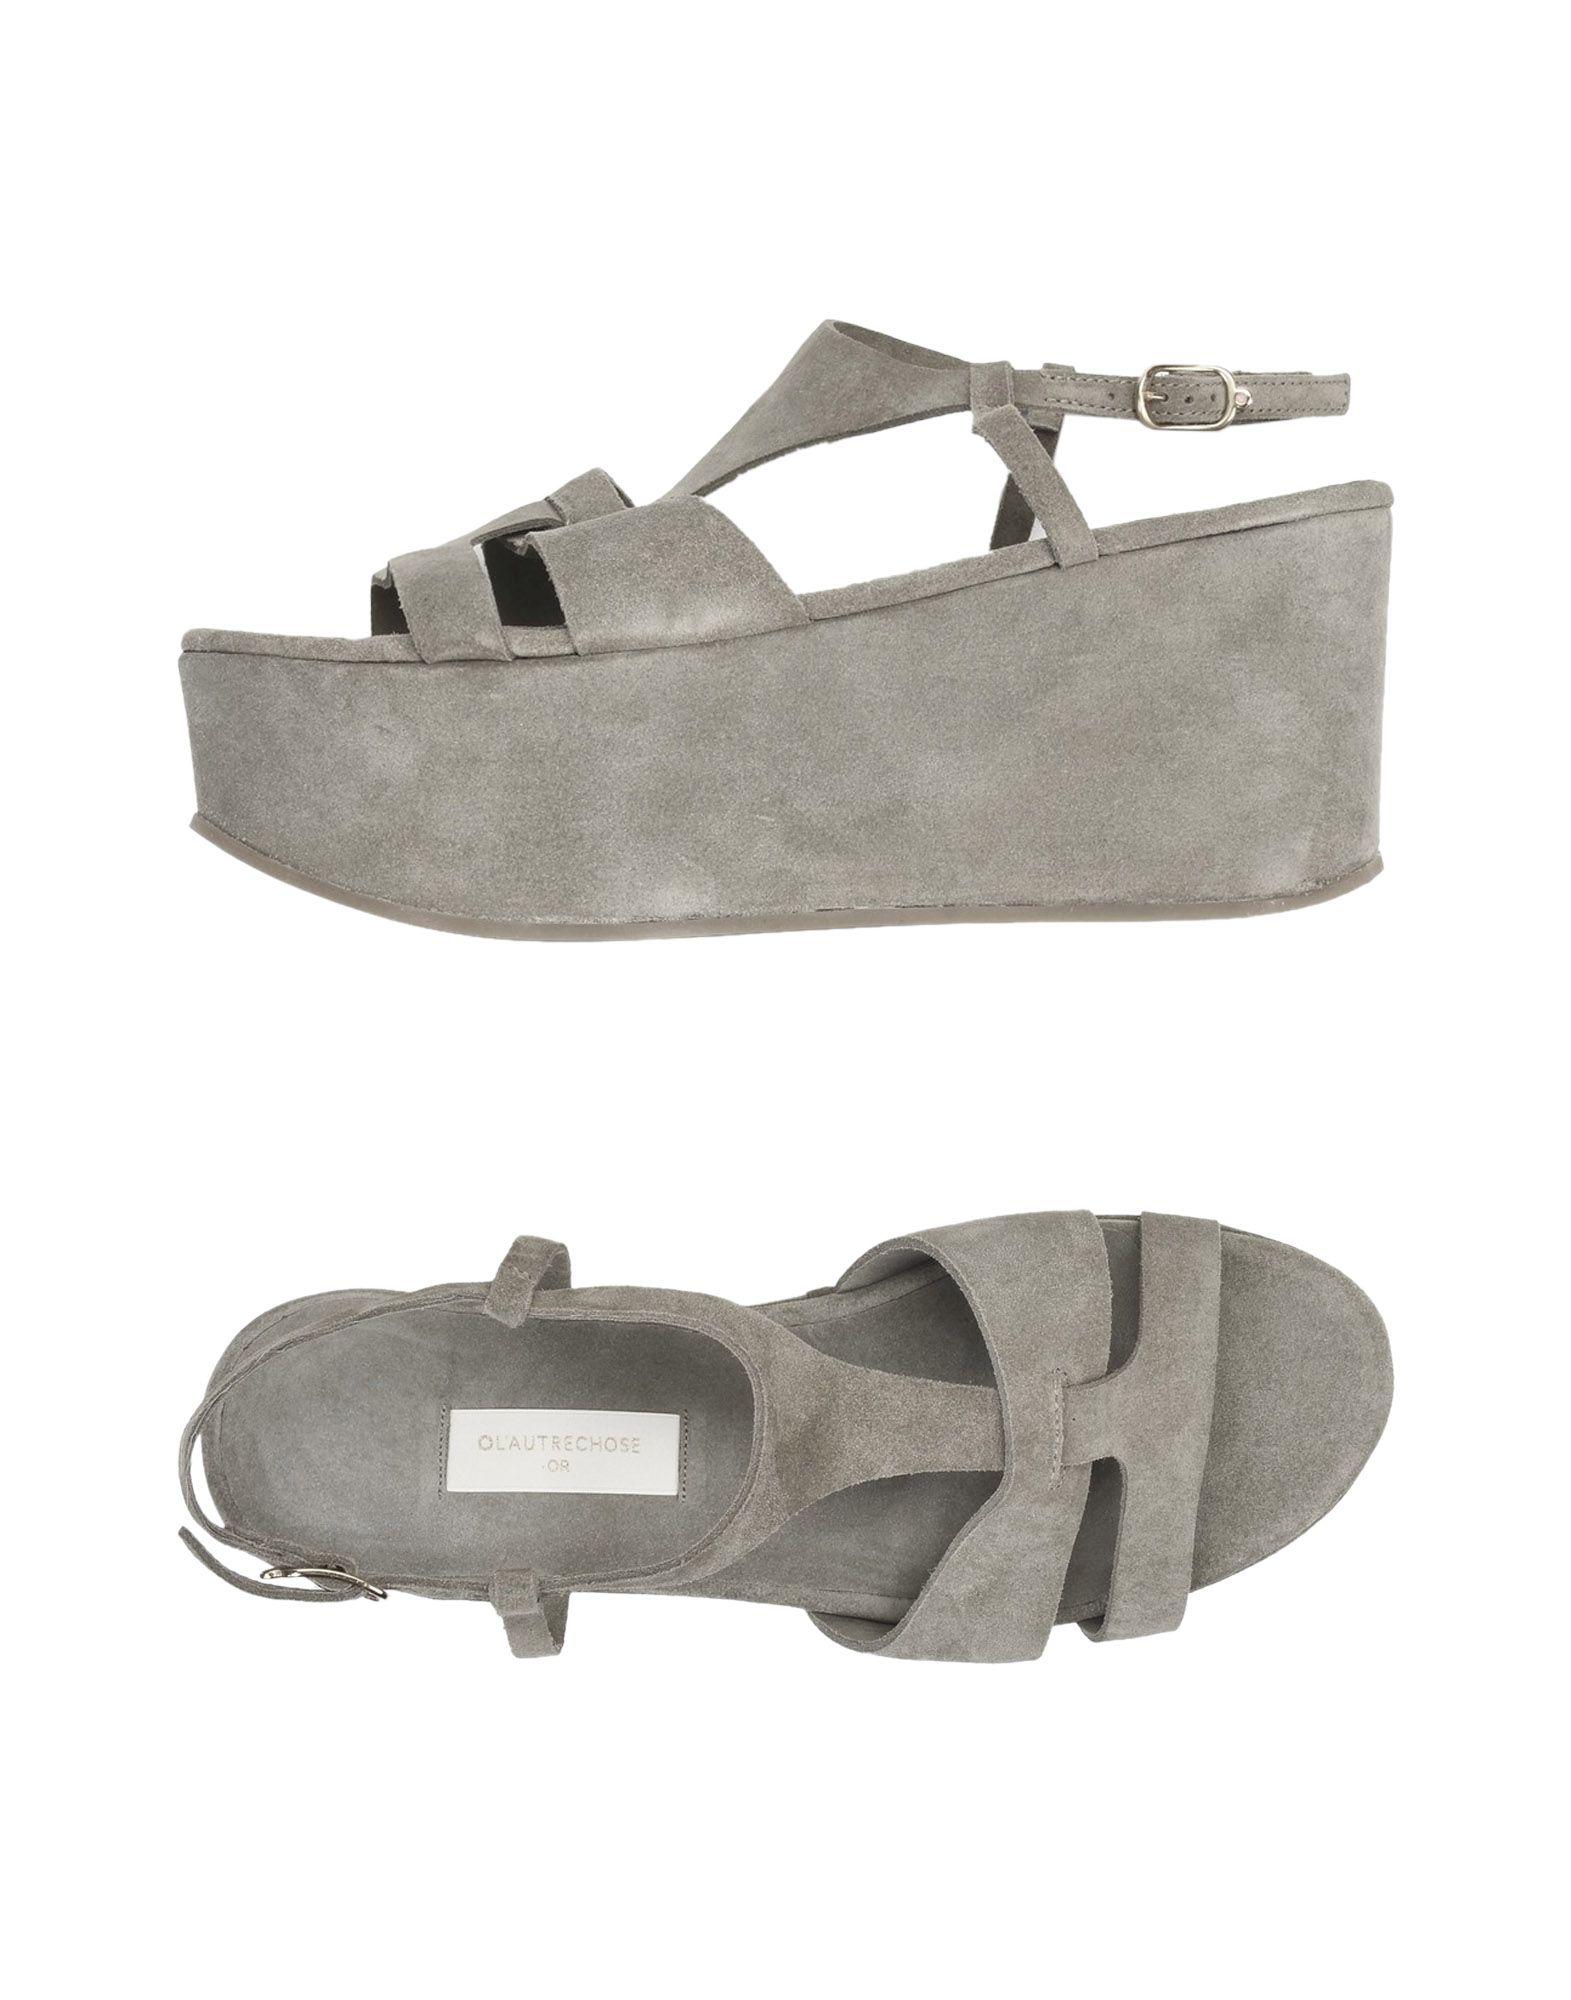 l & # 39; autre choisi sandales sandales sandales - femmes l & # 39; autre a choisi de sandales en ligne sur l'australie - 11508212fq 2abd96